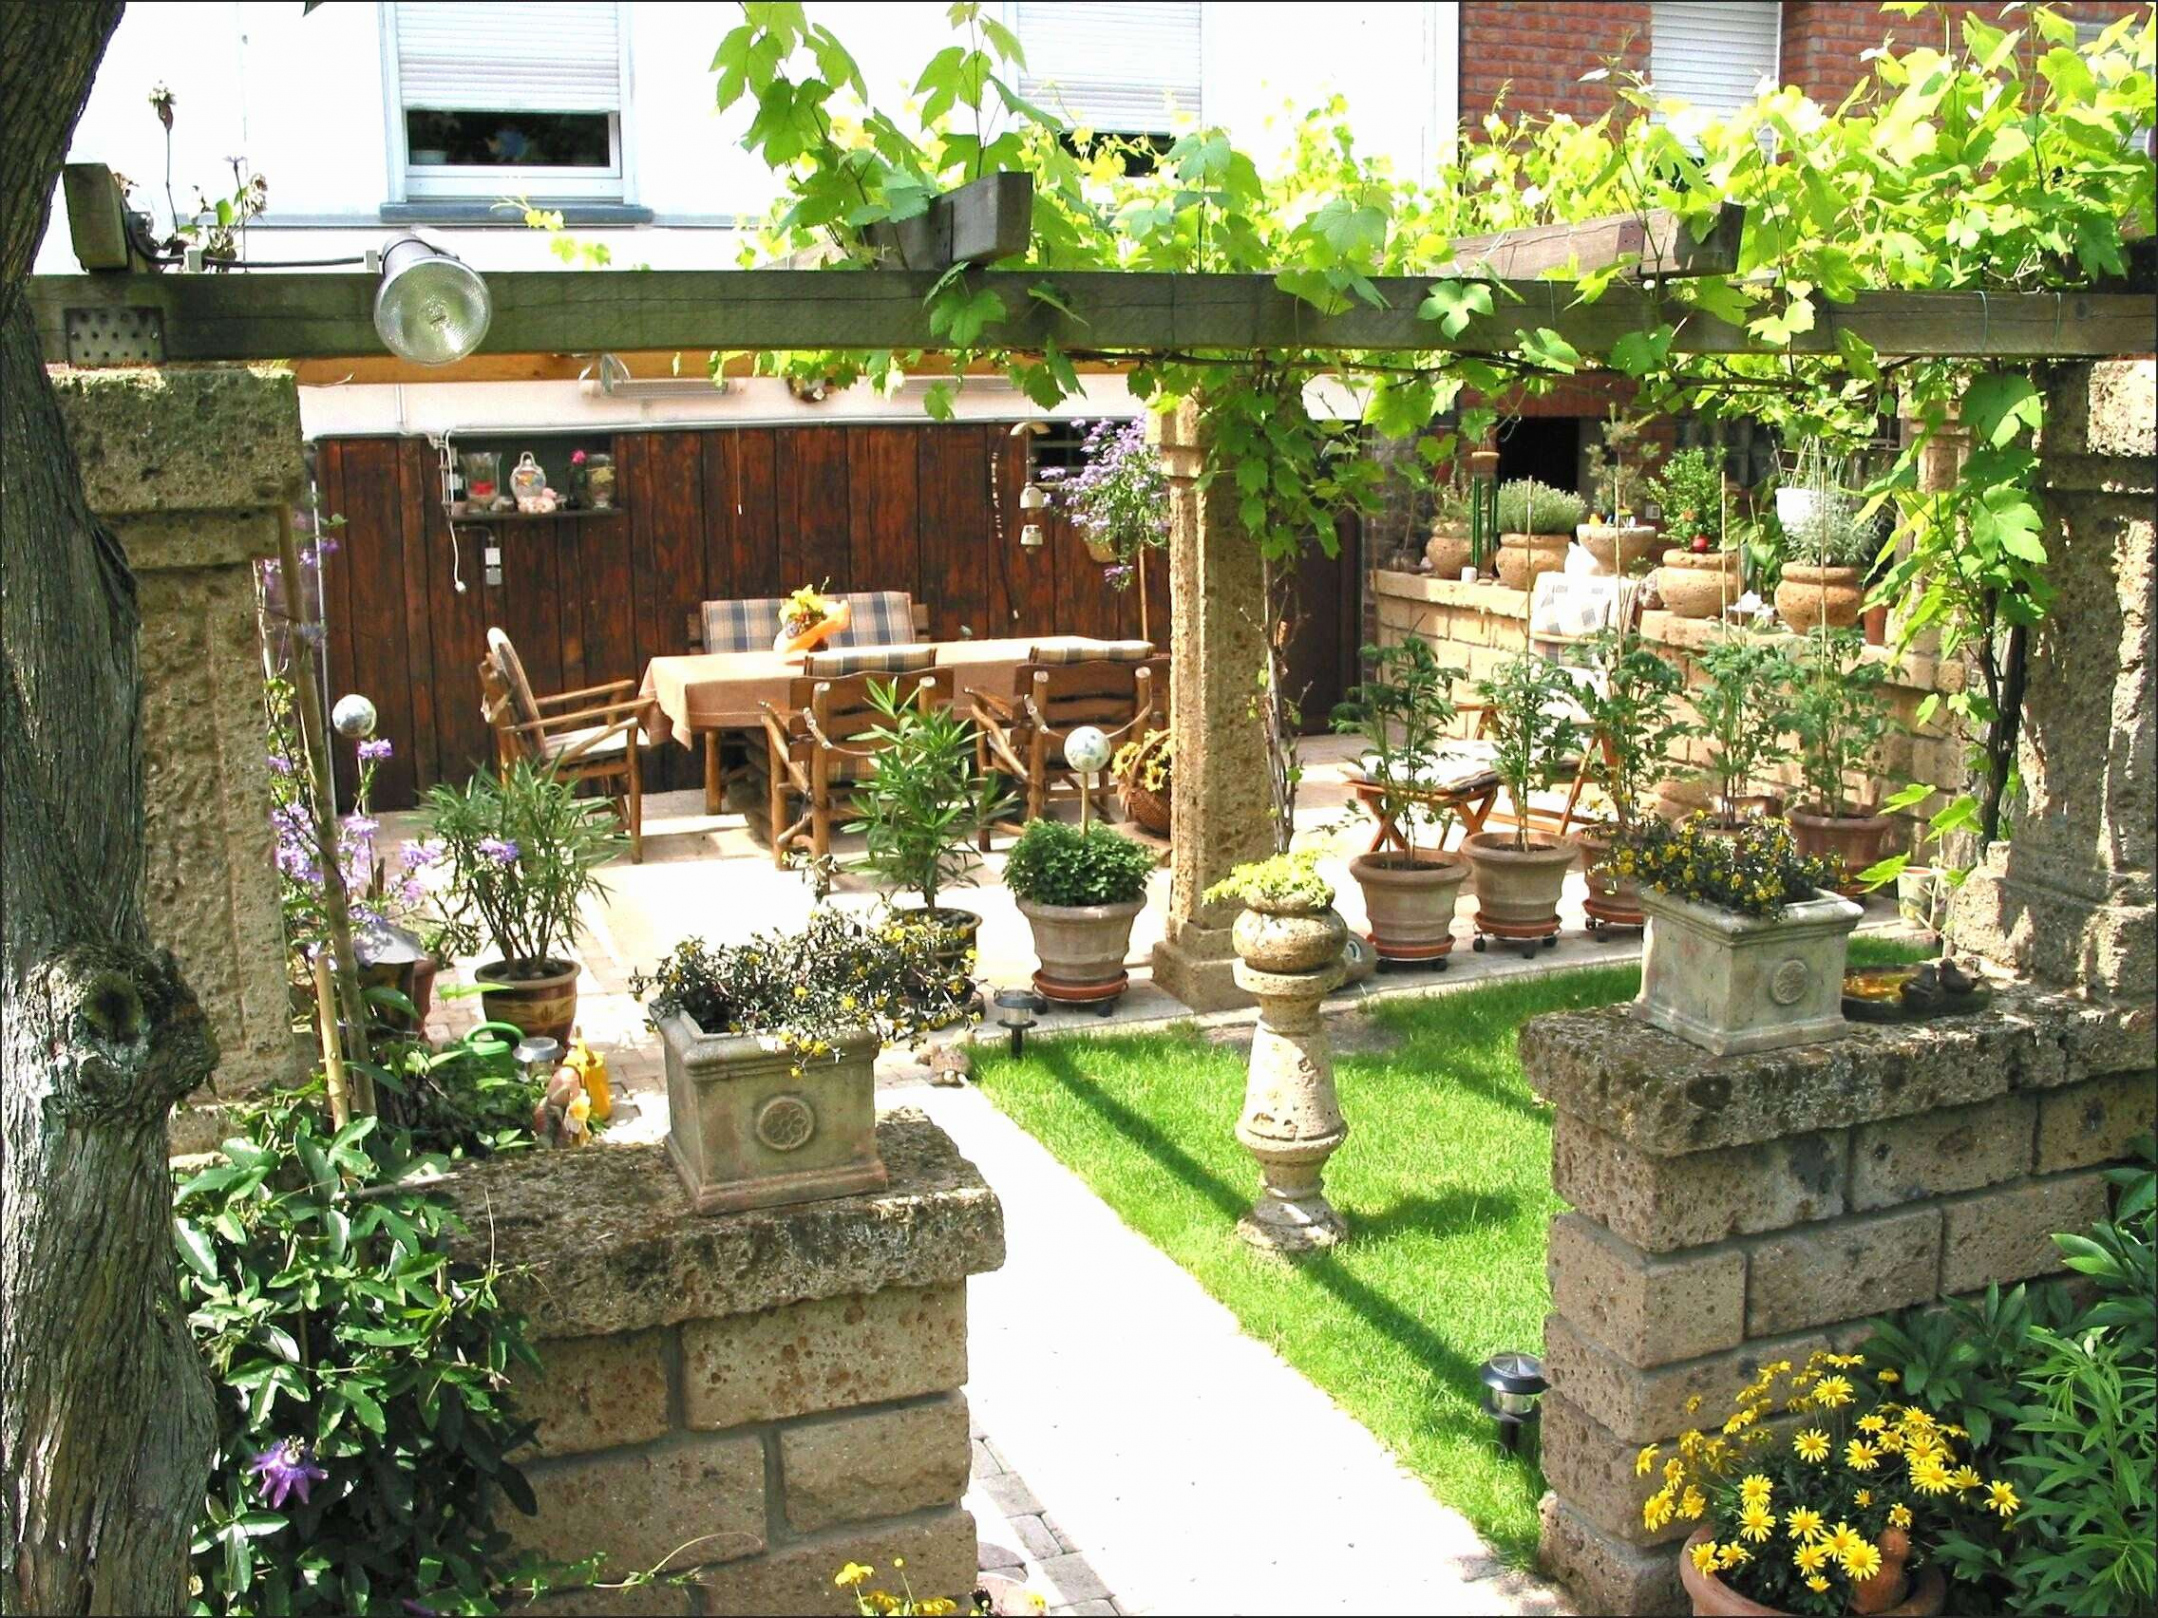 terrasse beet la terrasse terrasse am hang abflussrinne terrasse 0d terrasse am hang terrasse am hang